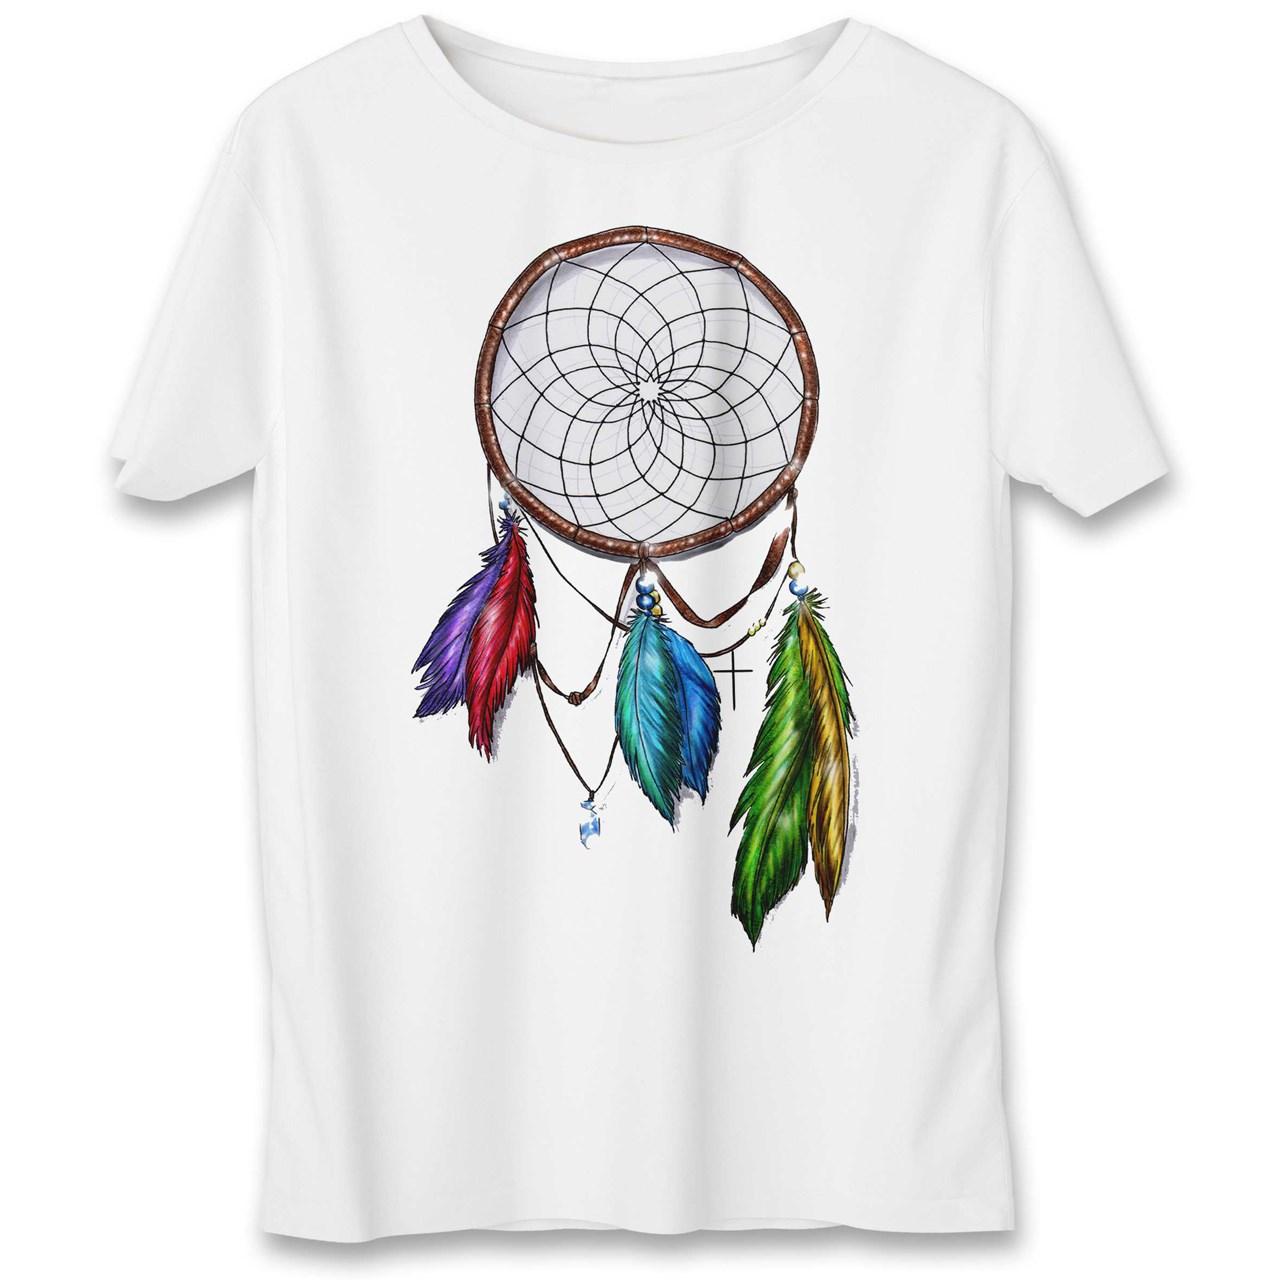 تی شرت یورپرینت  به رسم طرح دریم کچر کد 358